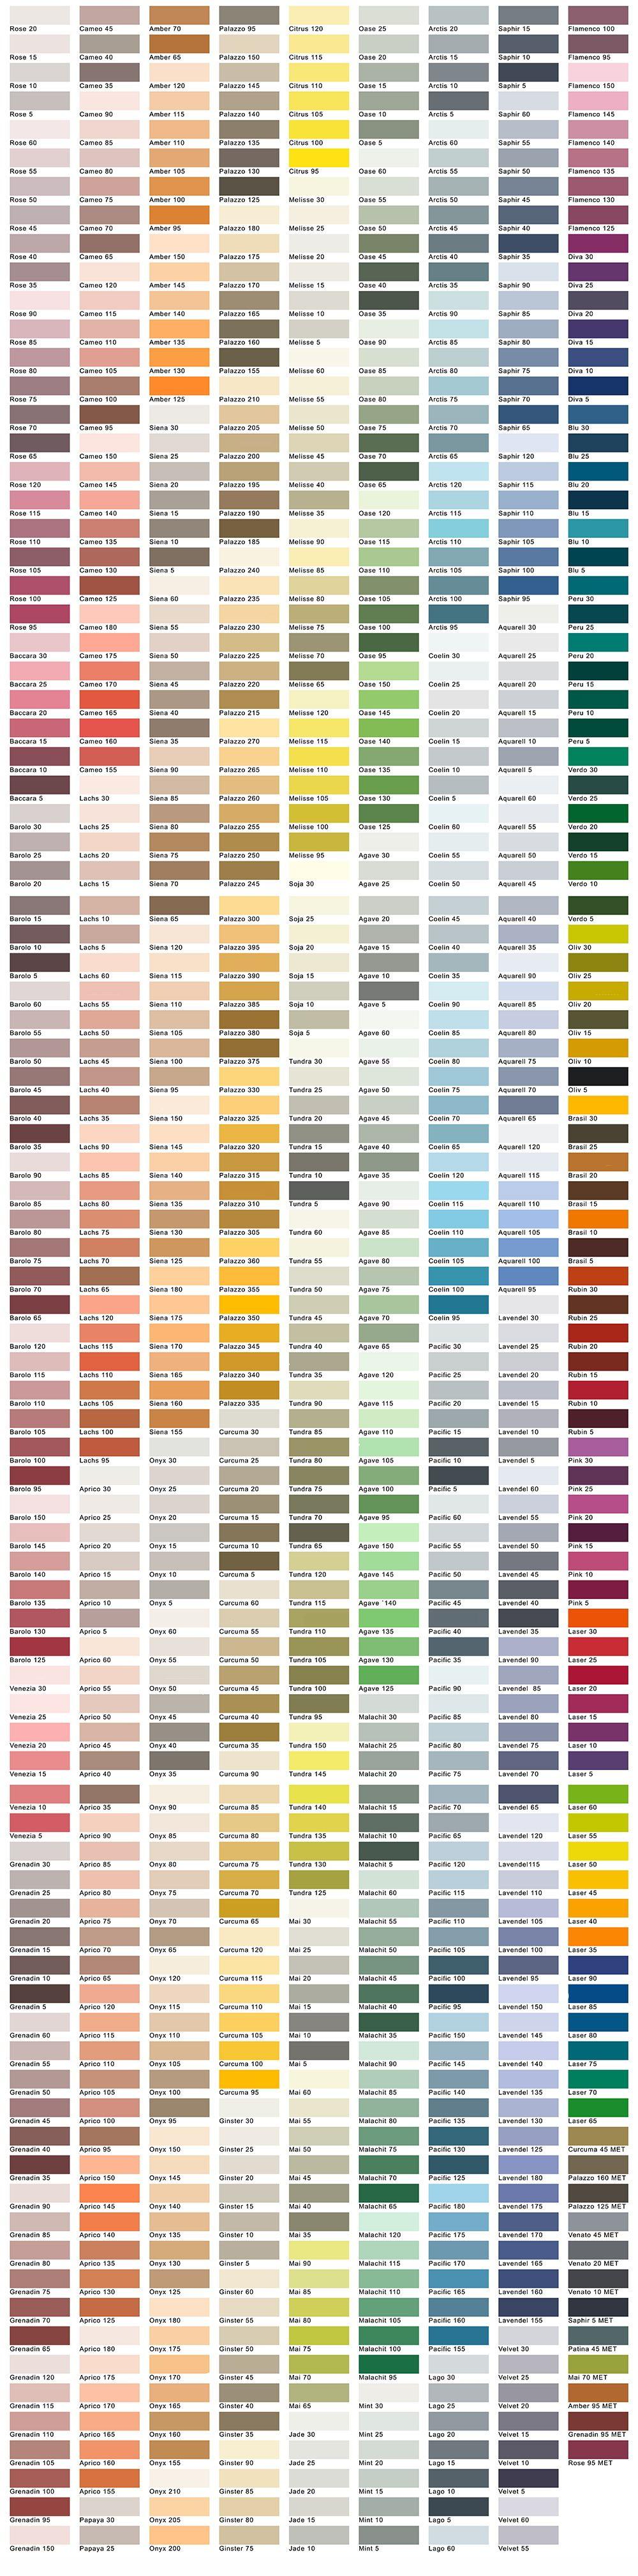 Https Barin Ua Content Image Caparol 3d Plus 3 3 Jpg Kleerkasten Knutselideeen Kleuren